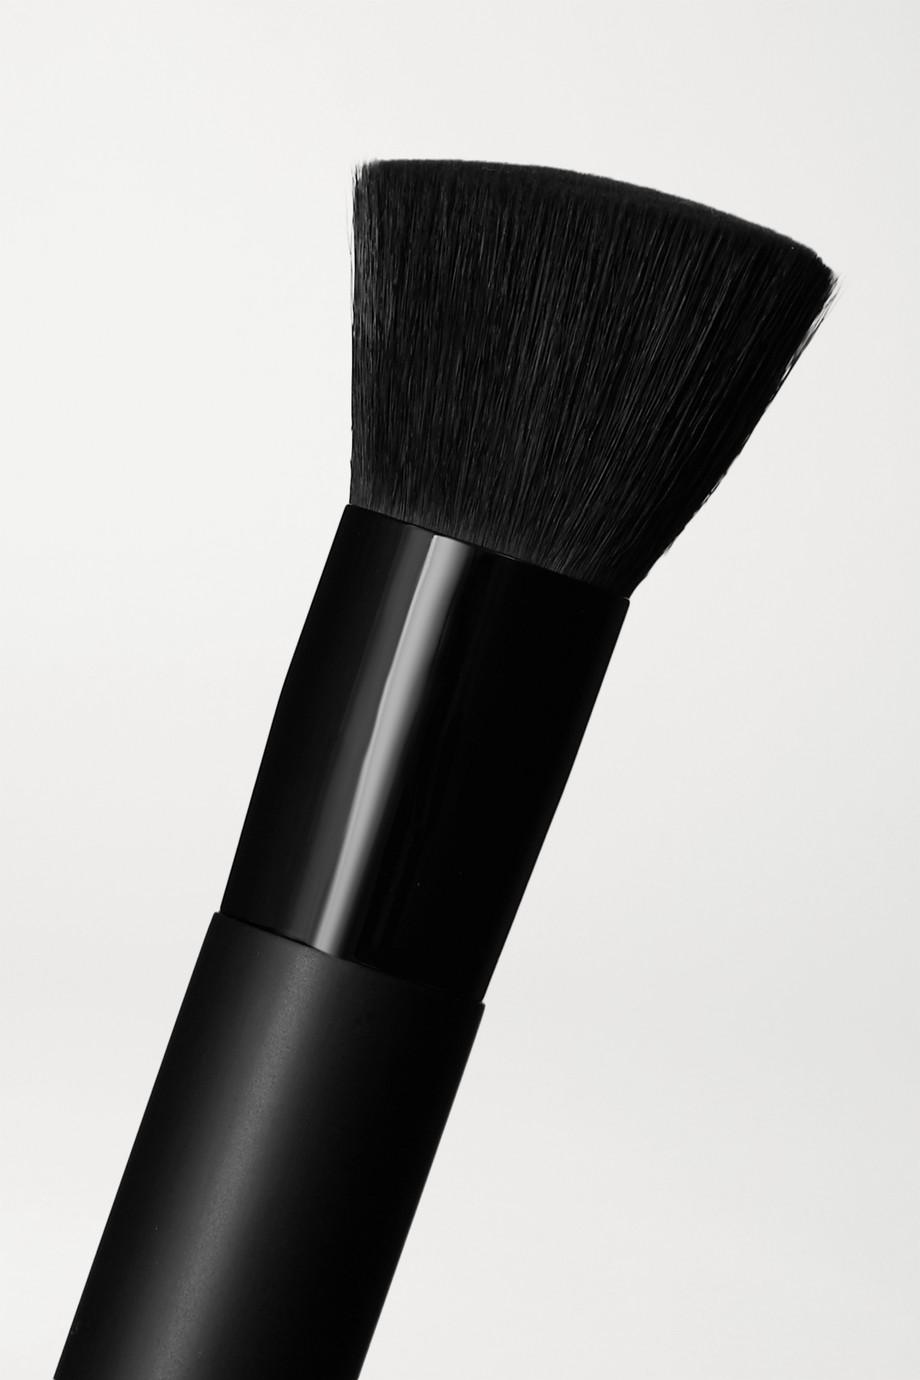 Rae Morris Jishaku 21 Mineral Buffer Brush – Pinsel